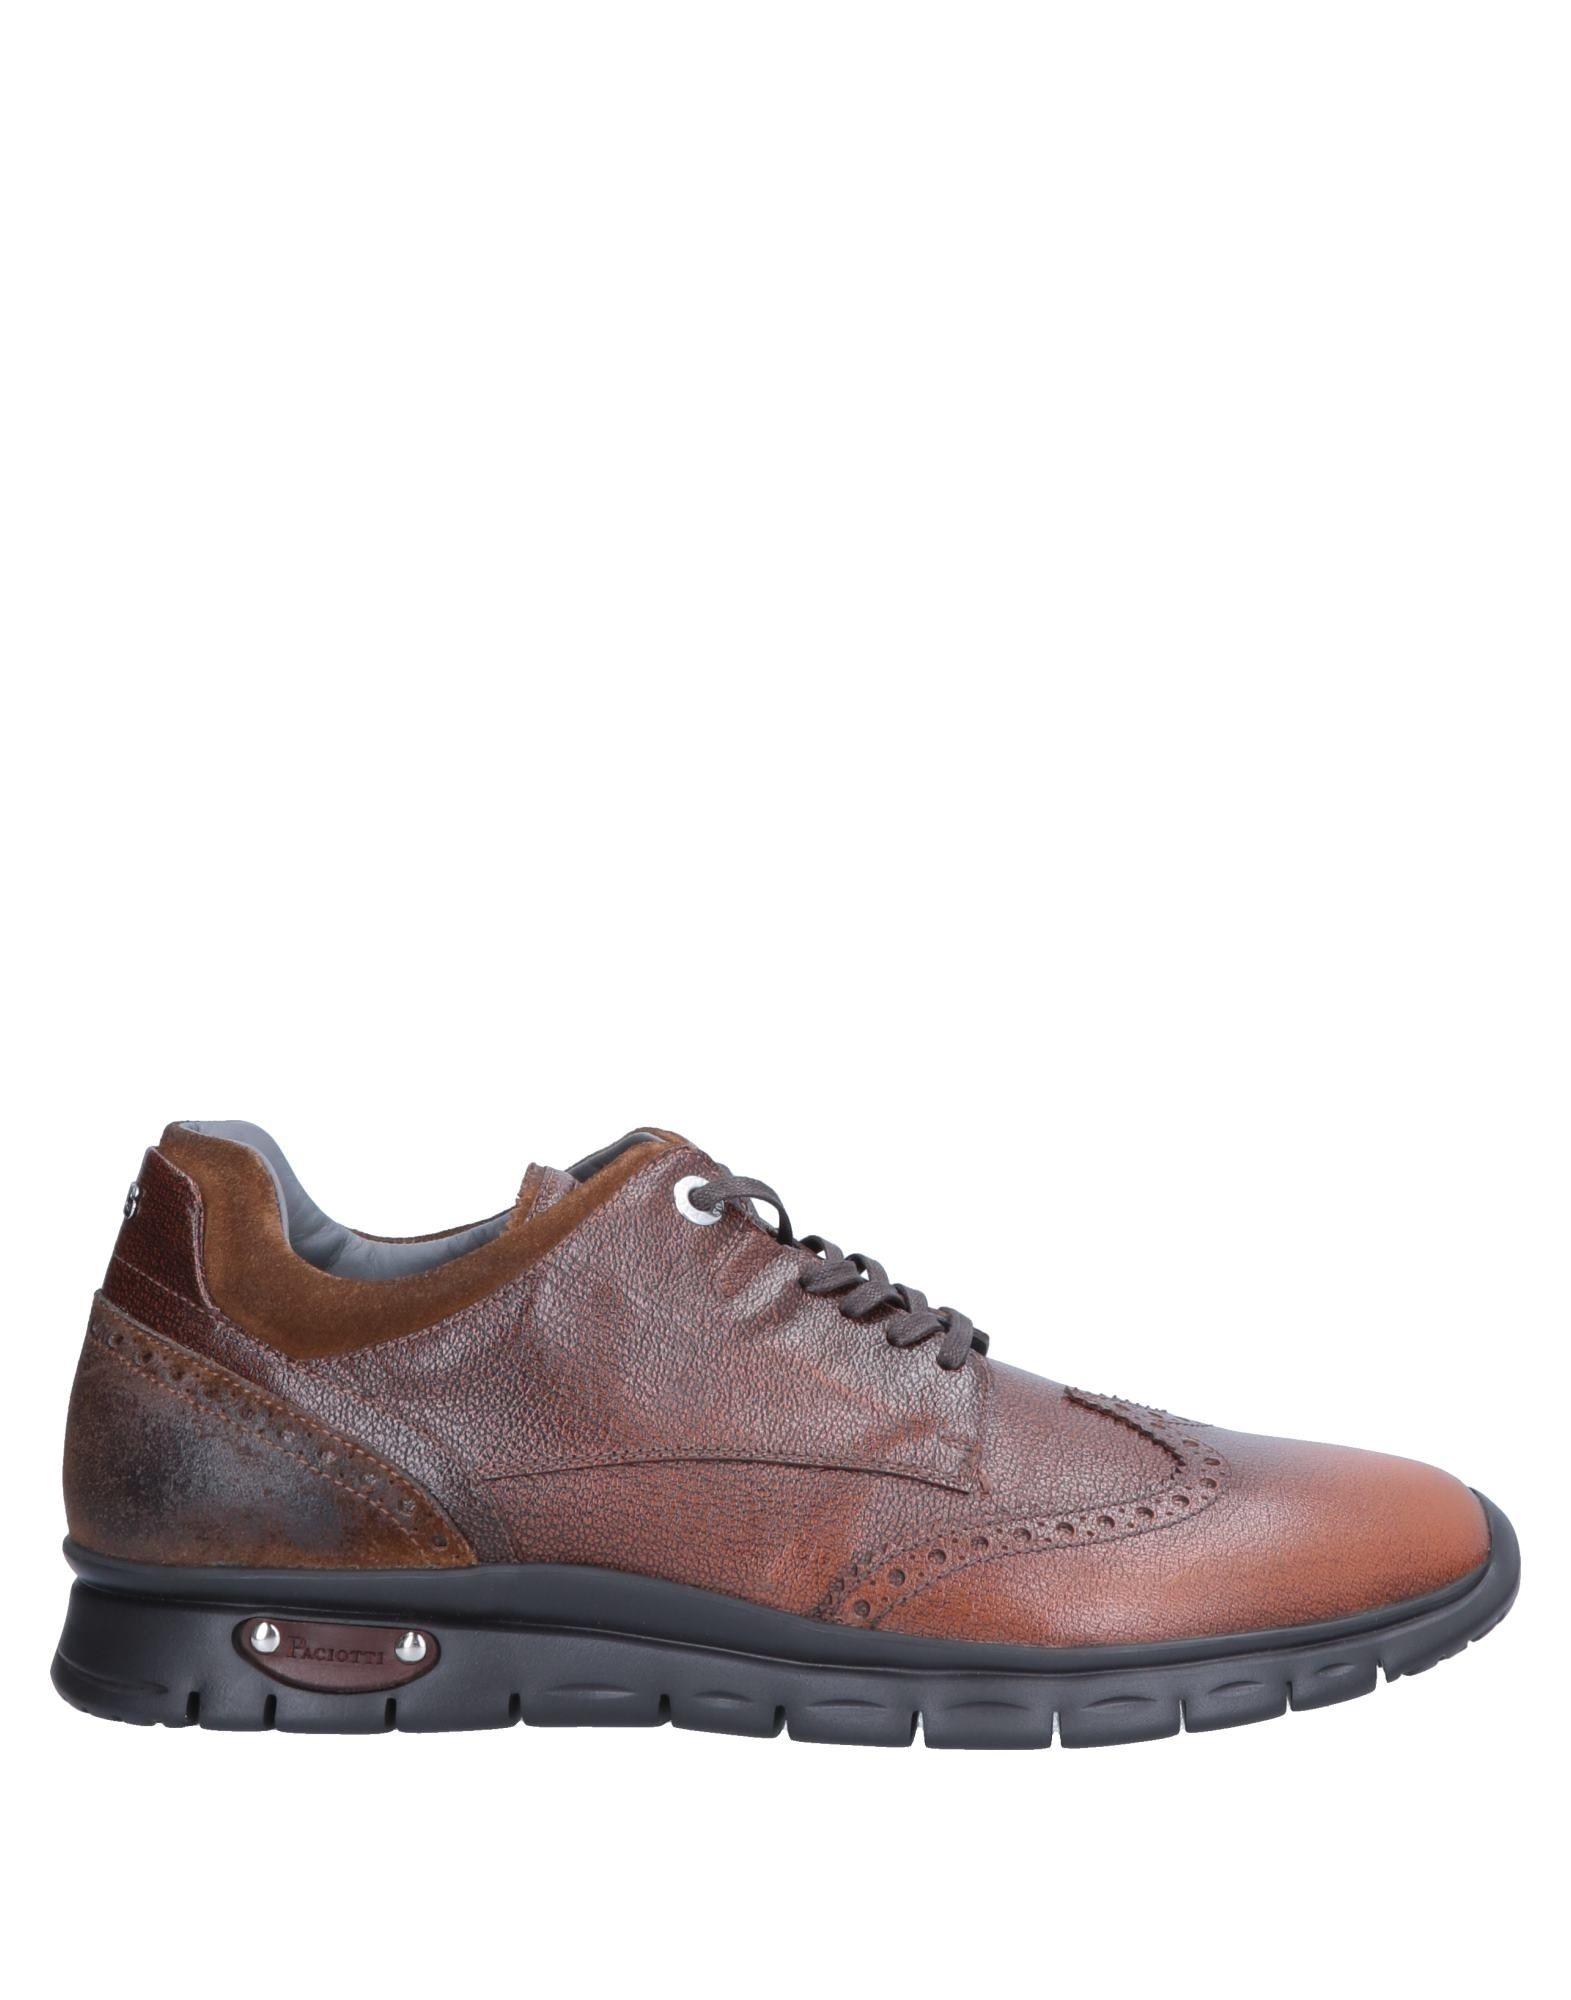 Cesare Paciotti 4Us Schnürschuhe Herren  11557354HT Gute Qualität beliebte Schuhe